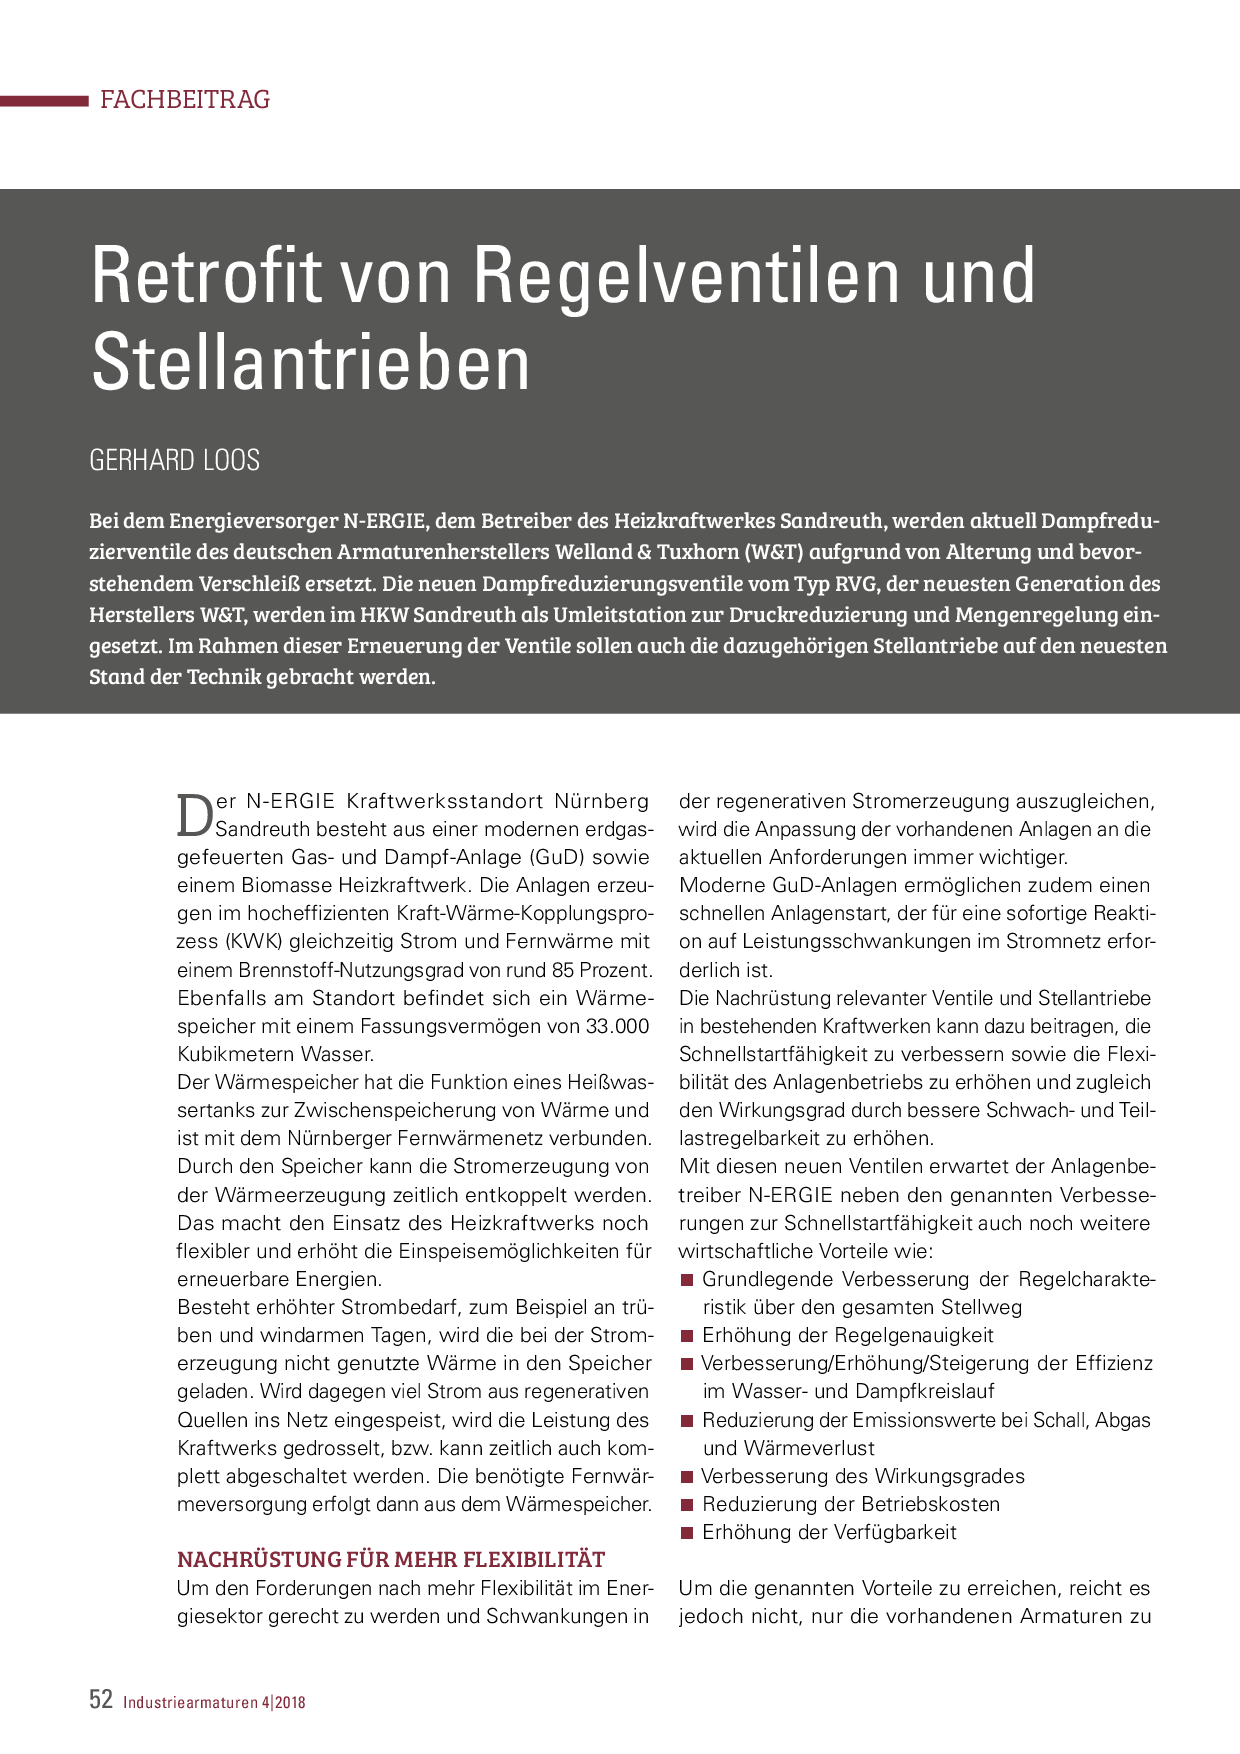 Retrofit von Regelventilen und Stellantrieben